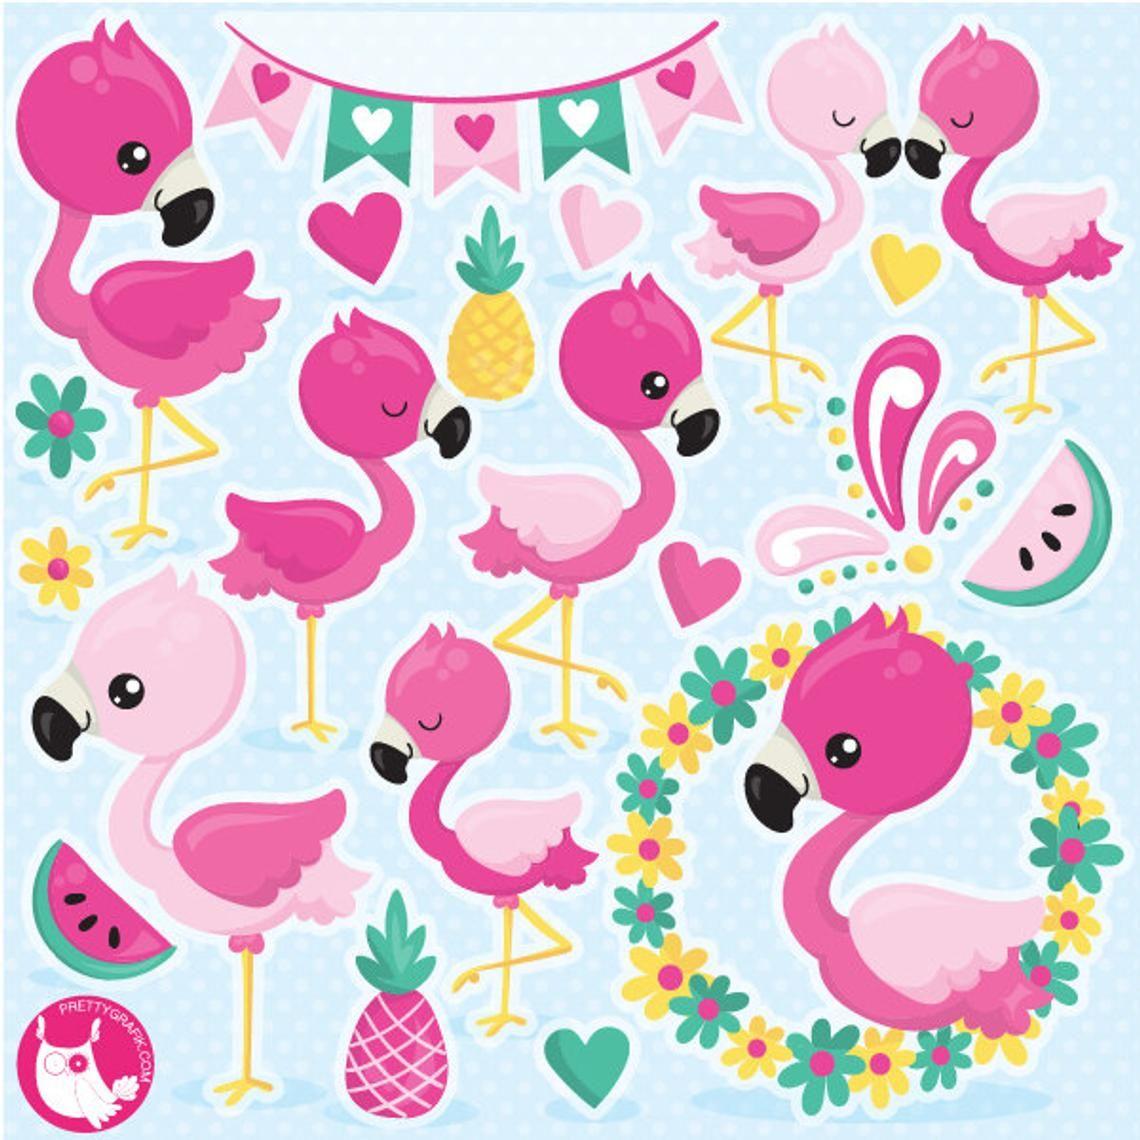 Acheter 20 Get 10 Off Flamingo Clipart Utilisation